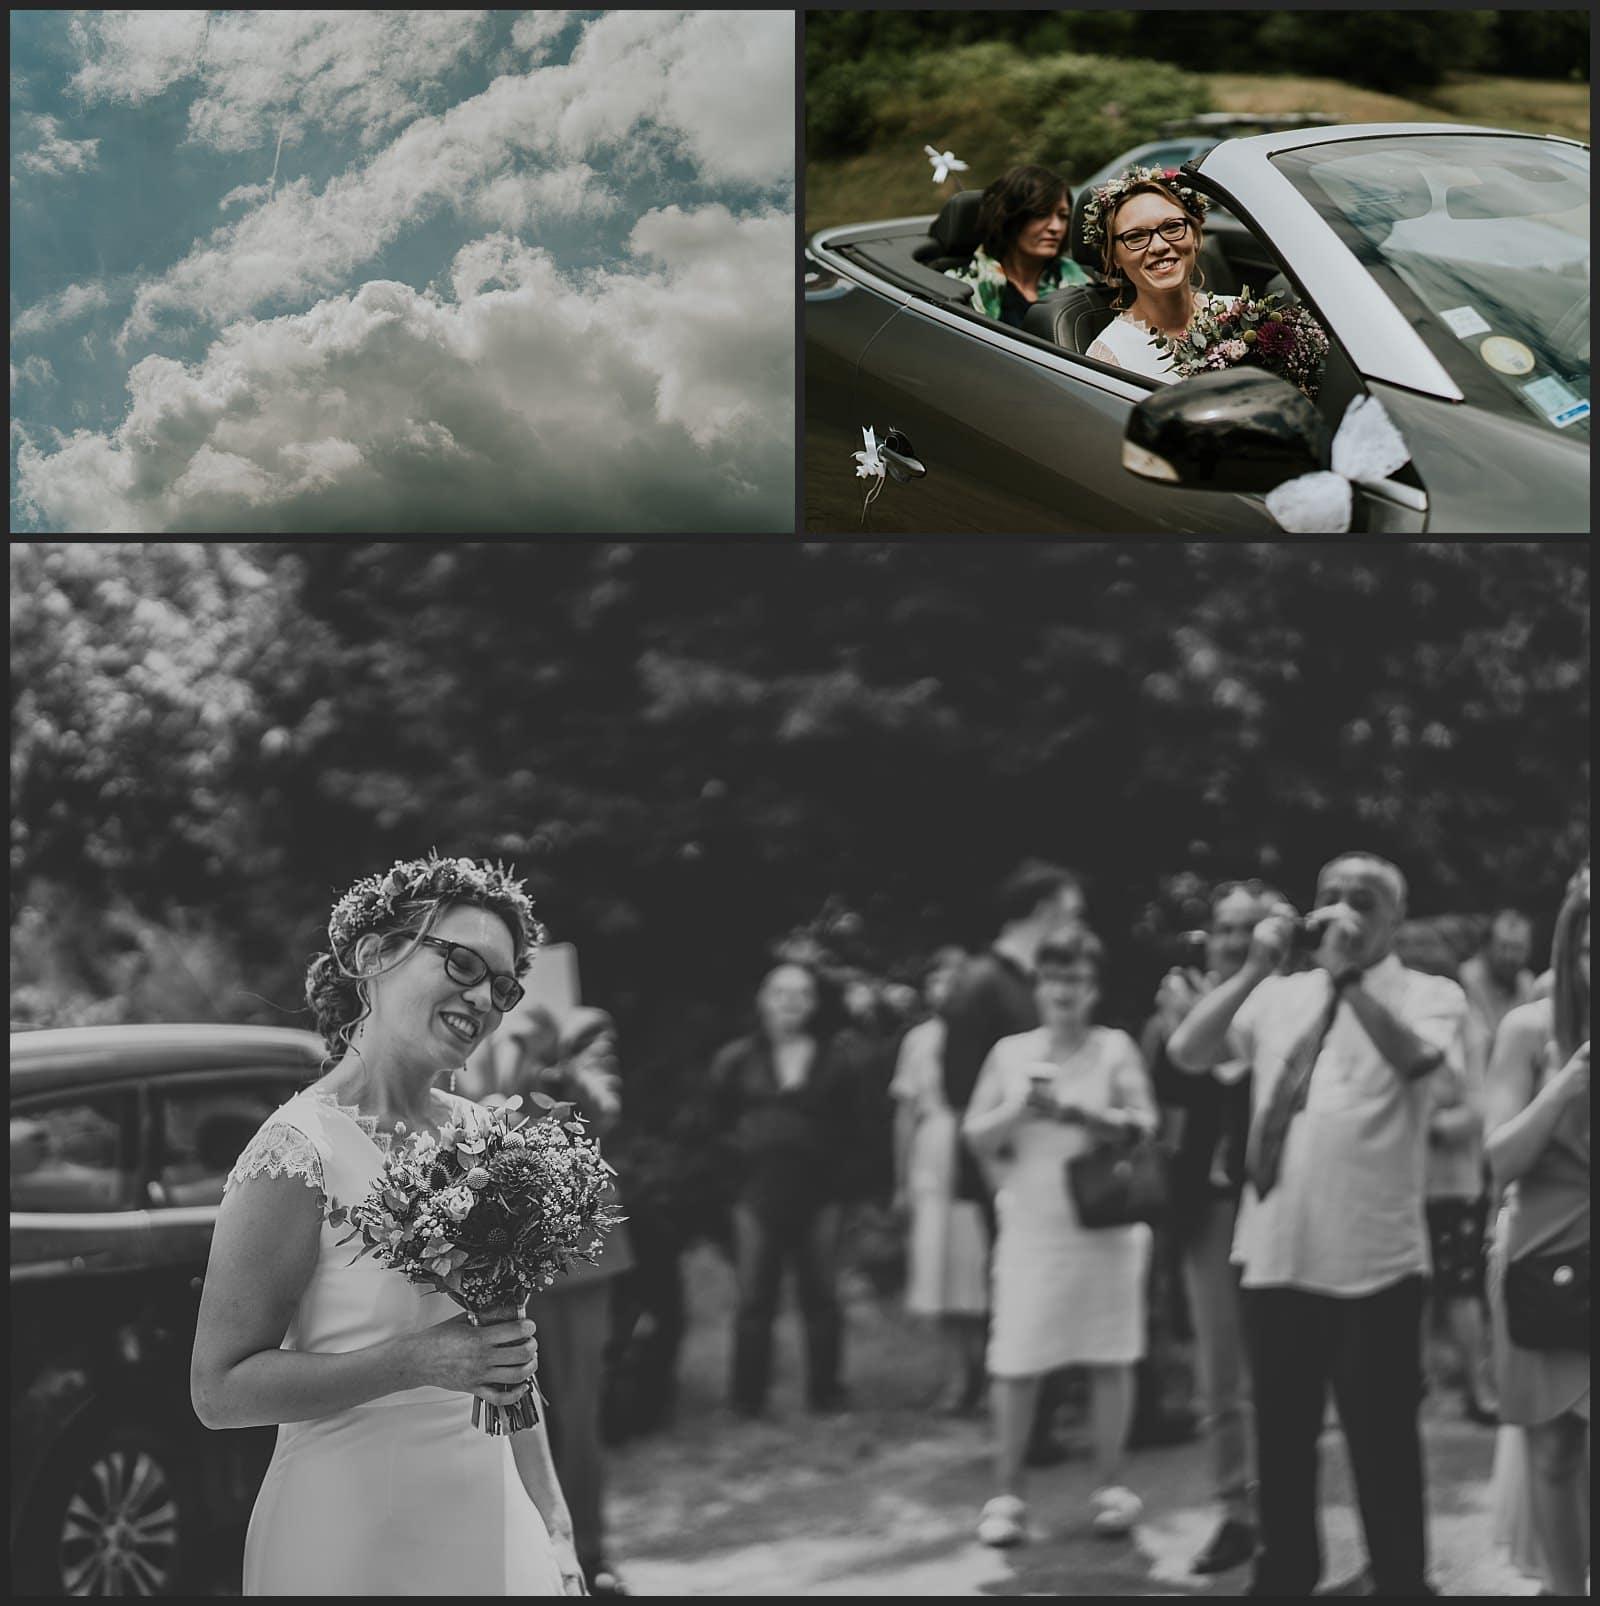 Ciel du mariage, arrivée de la mariée dans sa voiture à la mairie